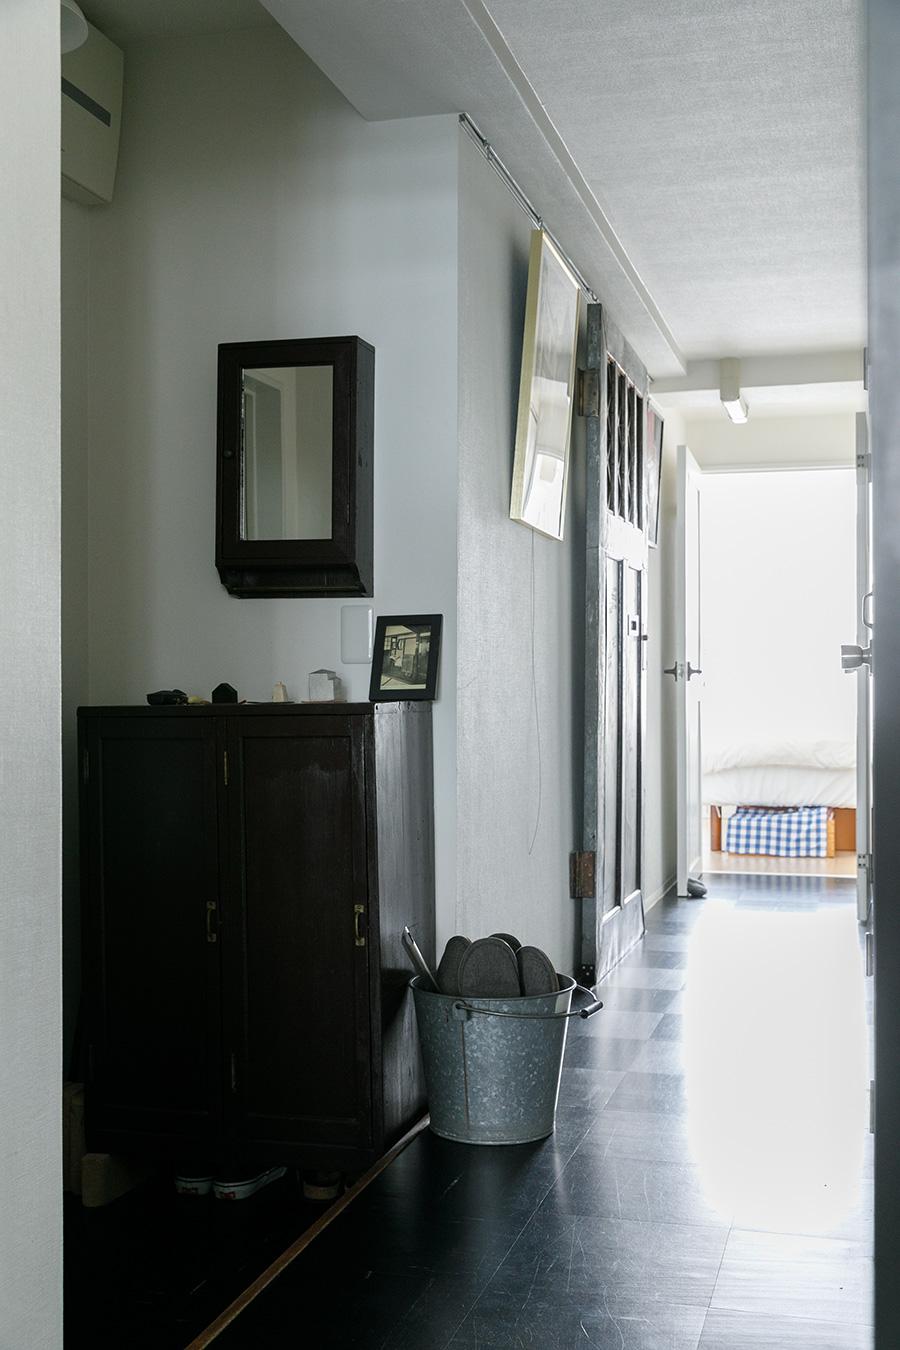 玄関から北側の子ども室へと続く廊下。床材は子ども室以外はPタイルで統一。「掃除が簡単で傷んだところだけ張り替えられるのも気がラクです」。